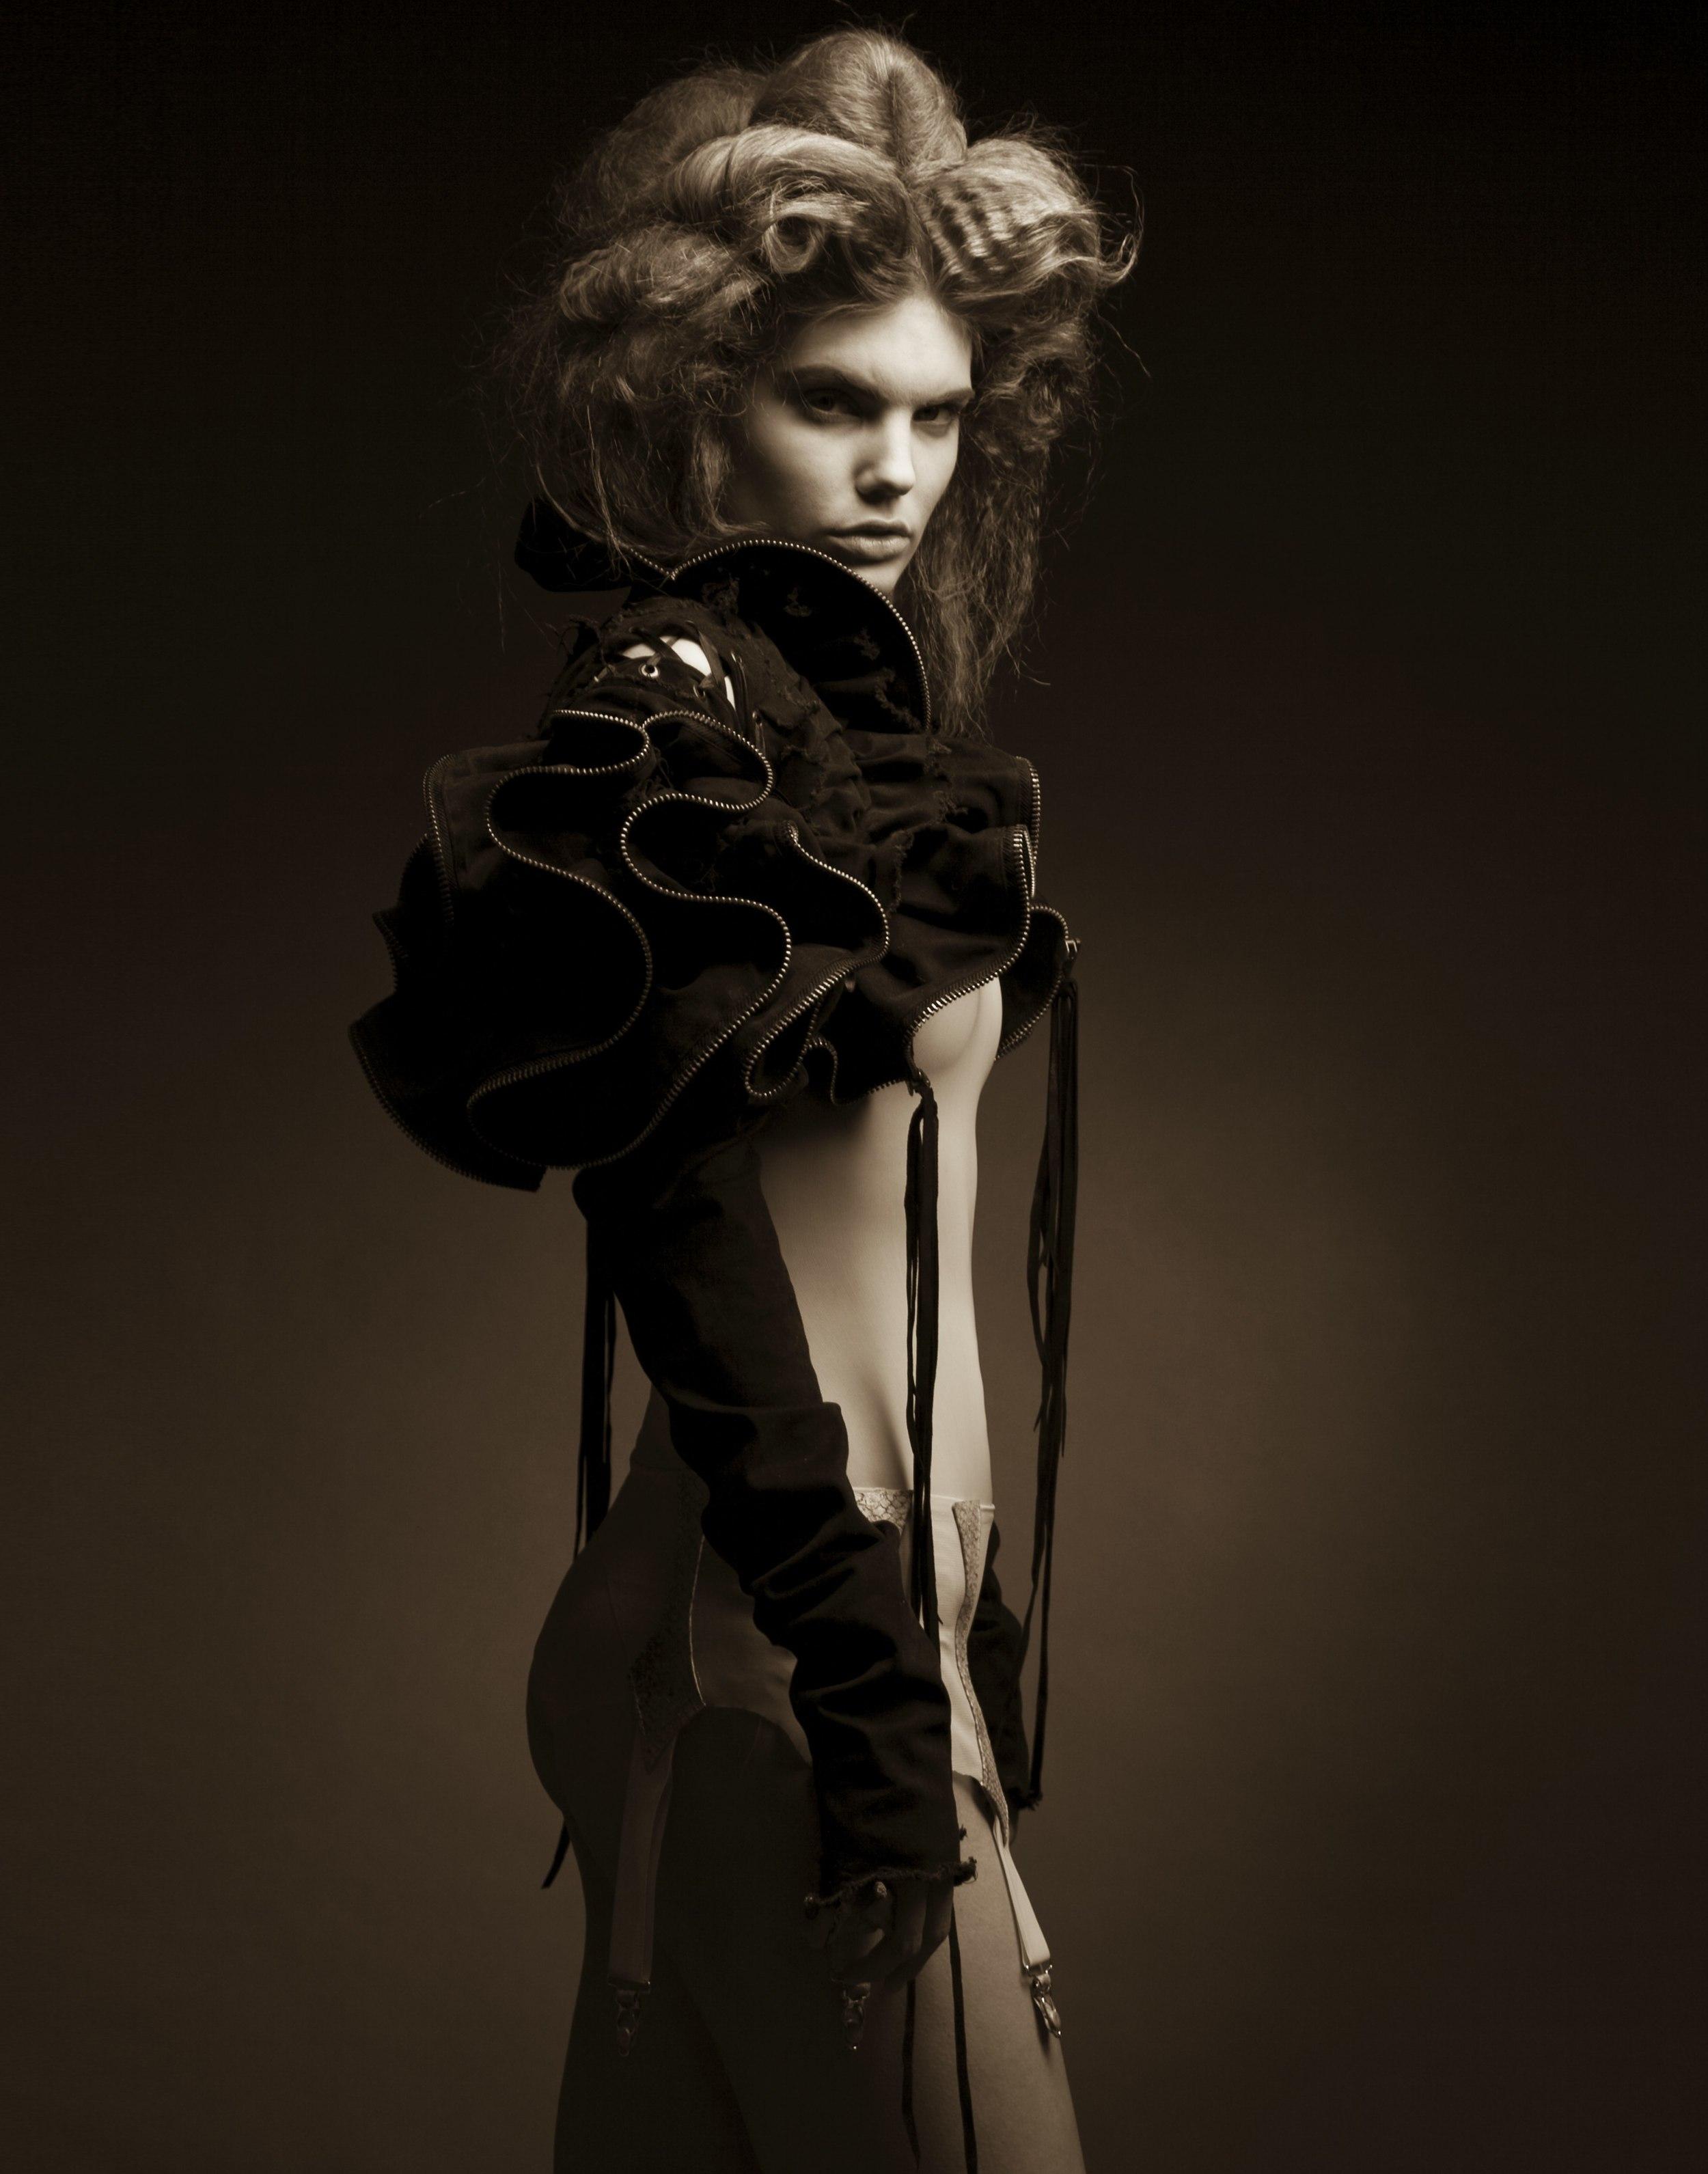 rachelfreire-by-diegoindraccolo-aw10-bolero-and-bodysuit.jpg